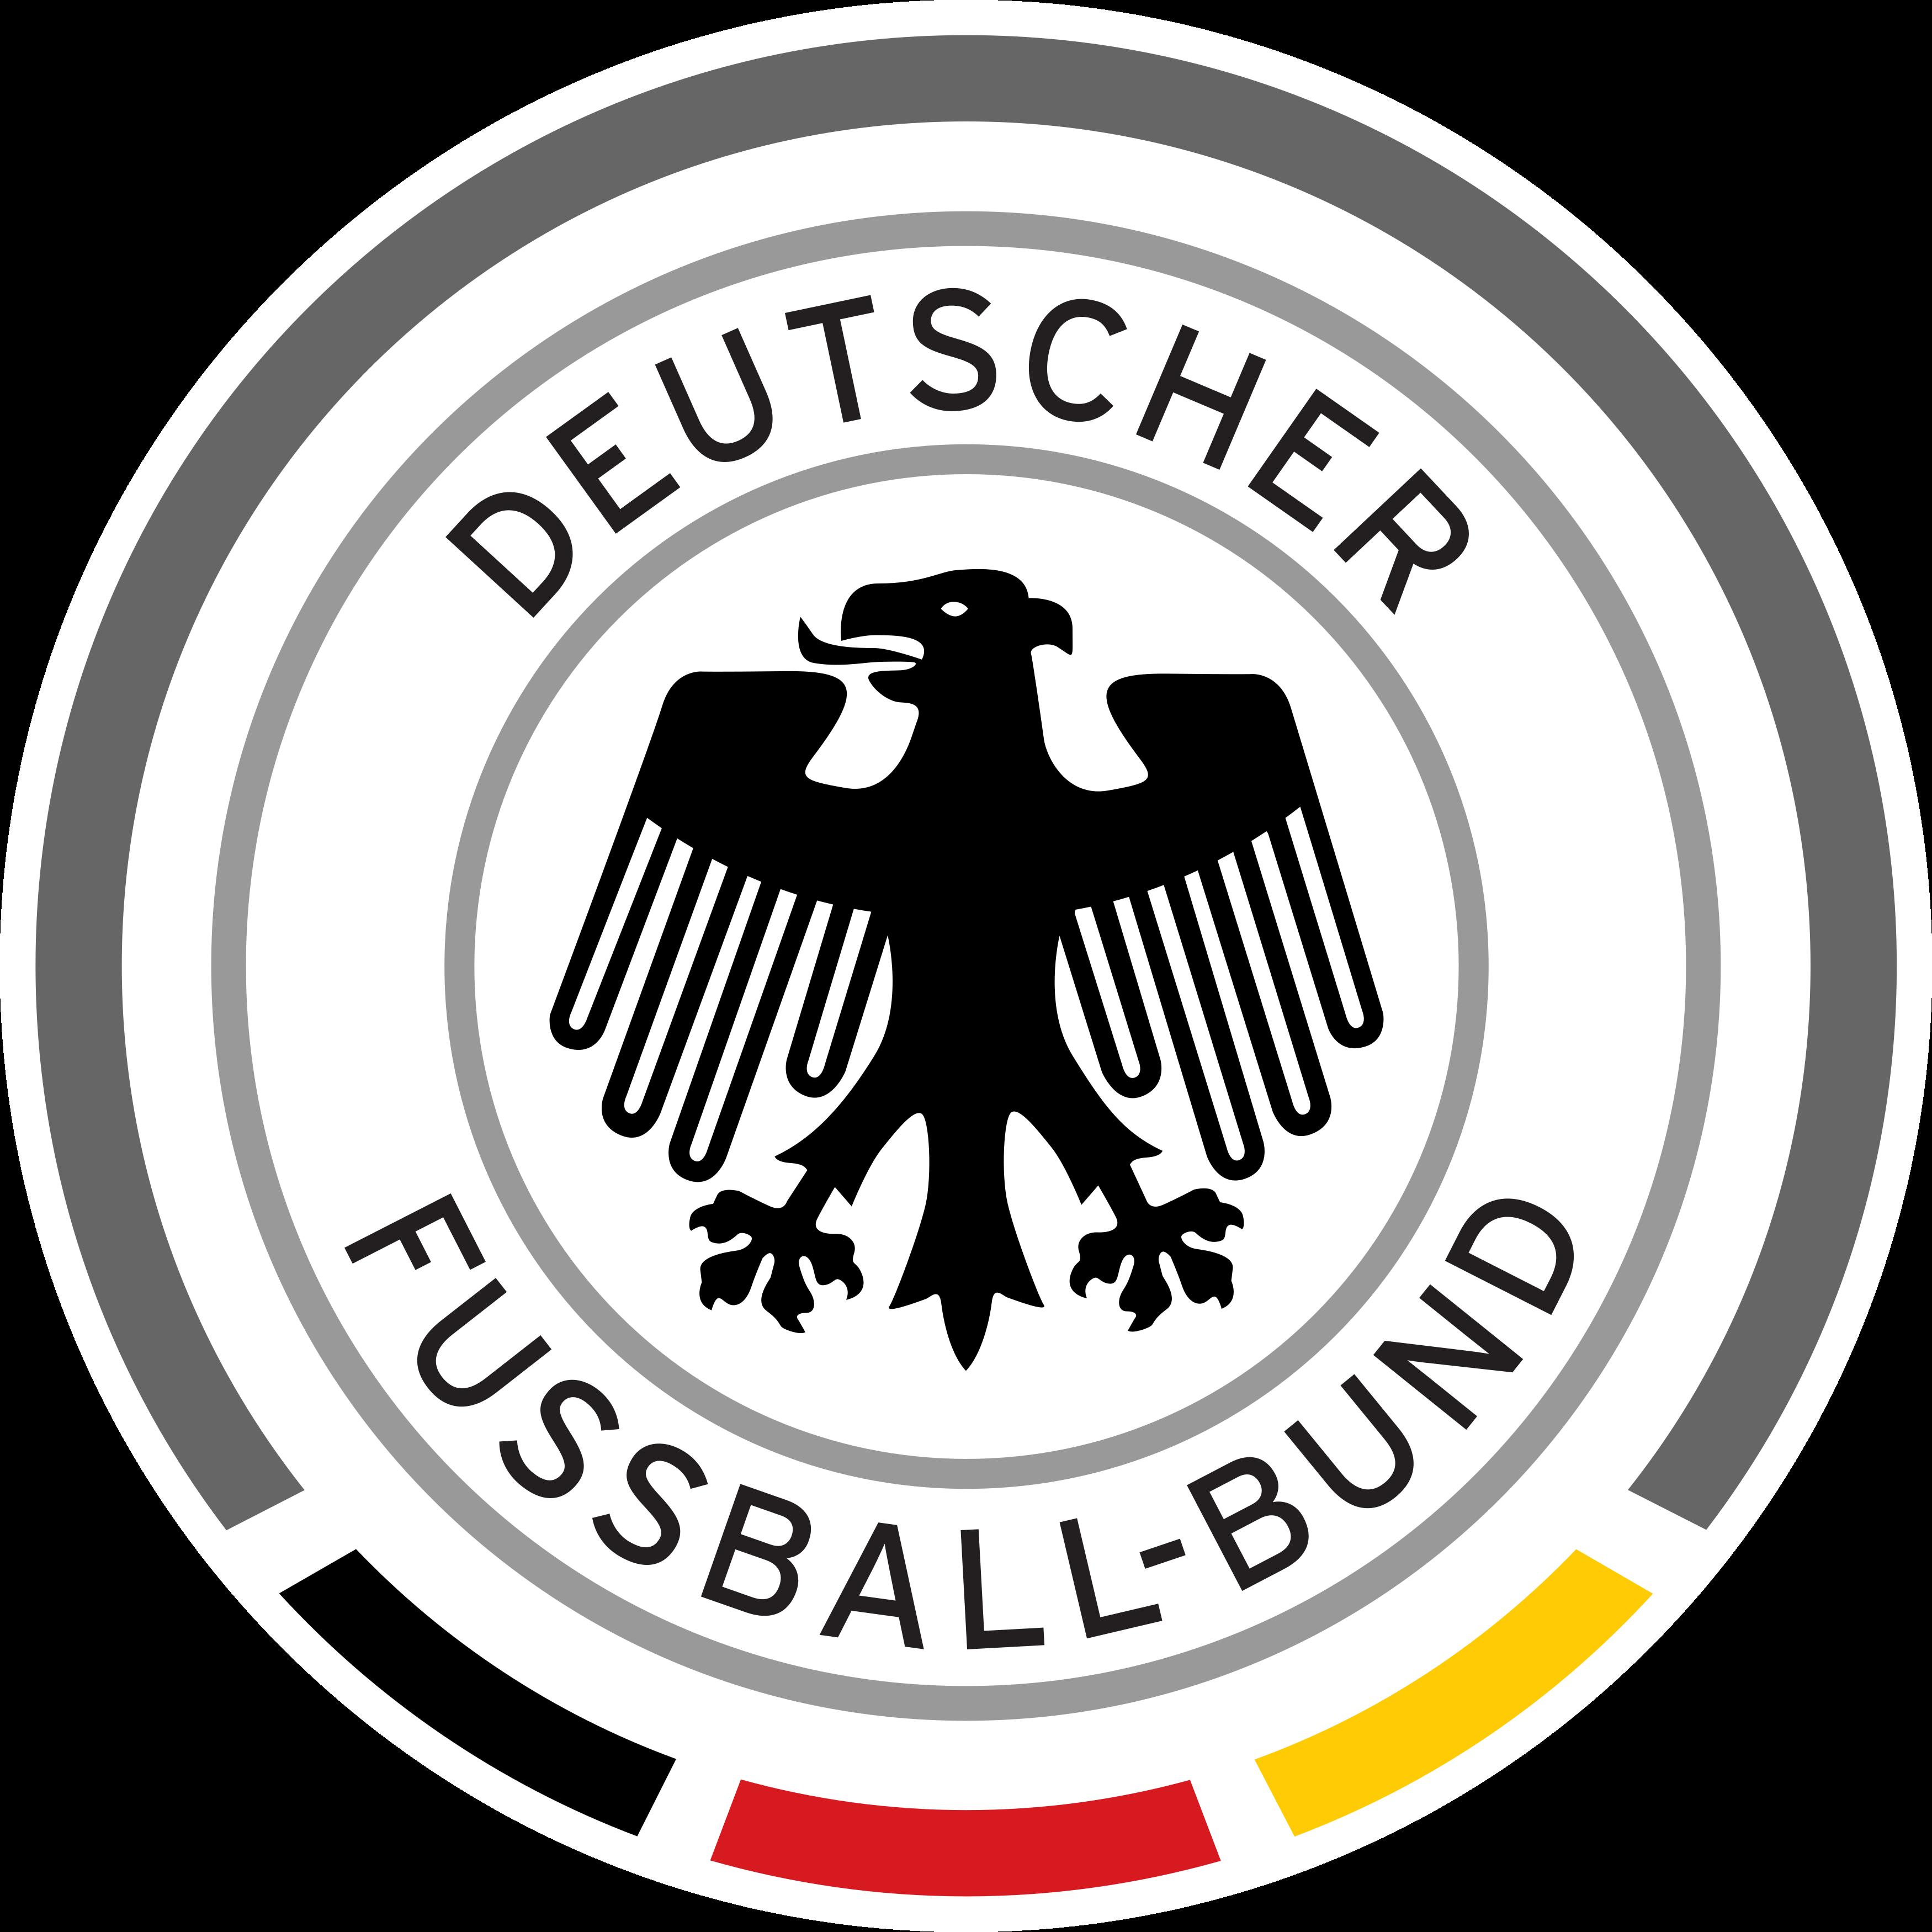 selecao alemanha logo escudo 1 - Seleção da Alemanha Logo - Escudo